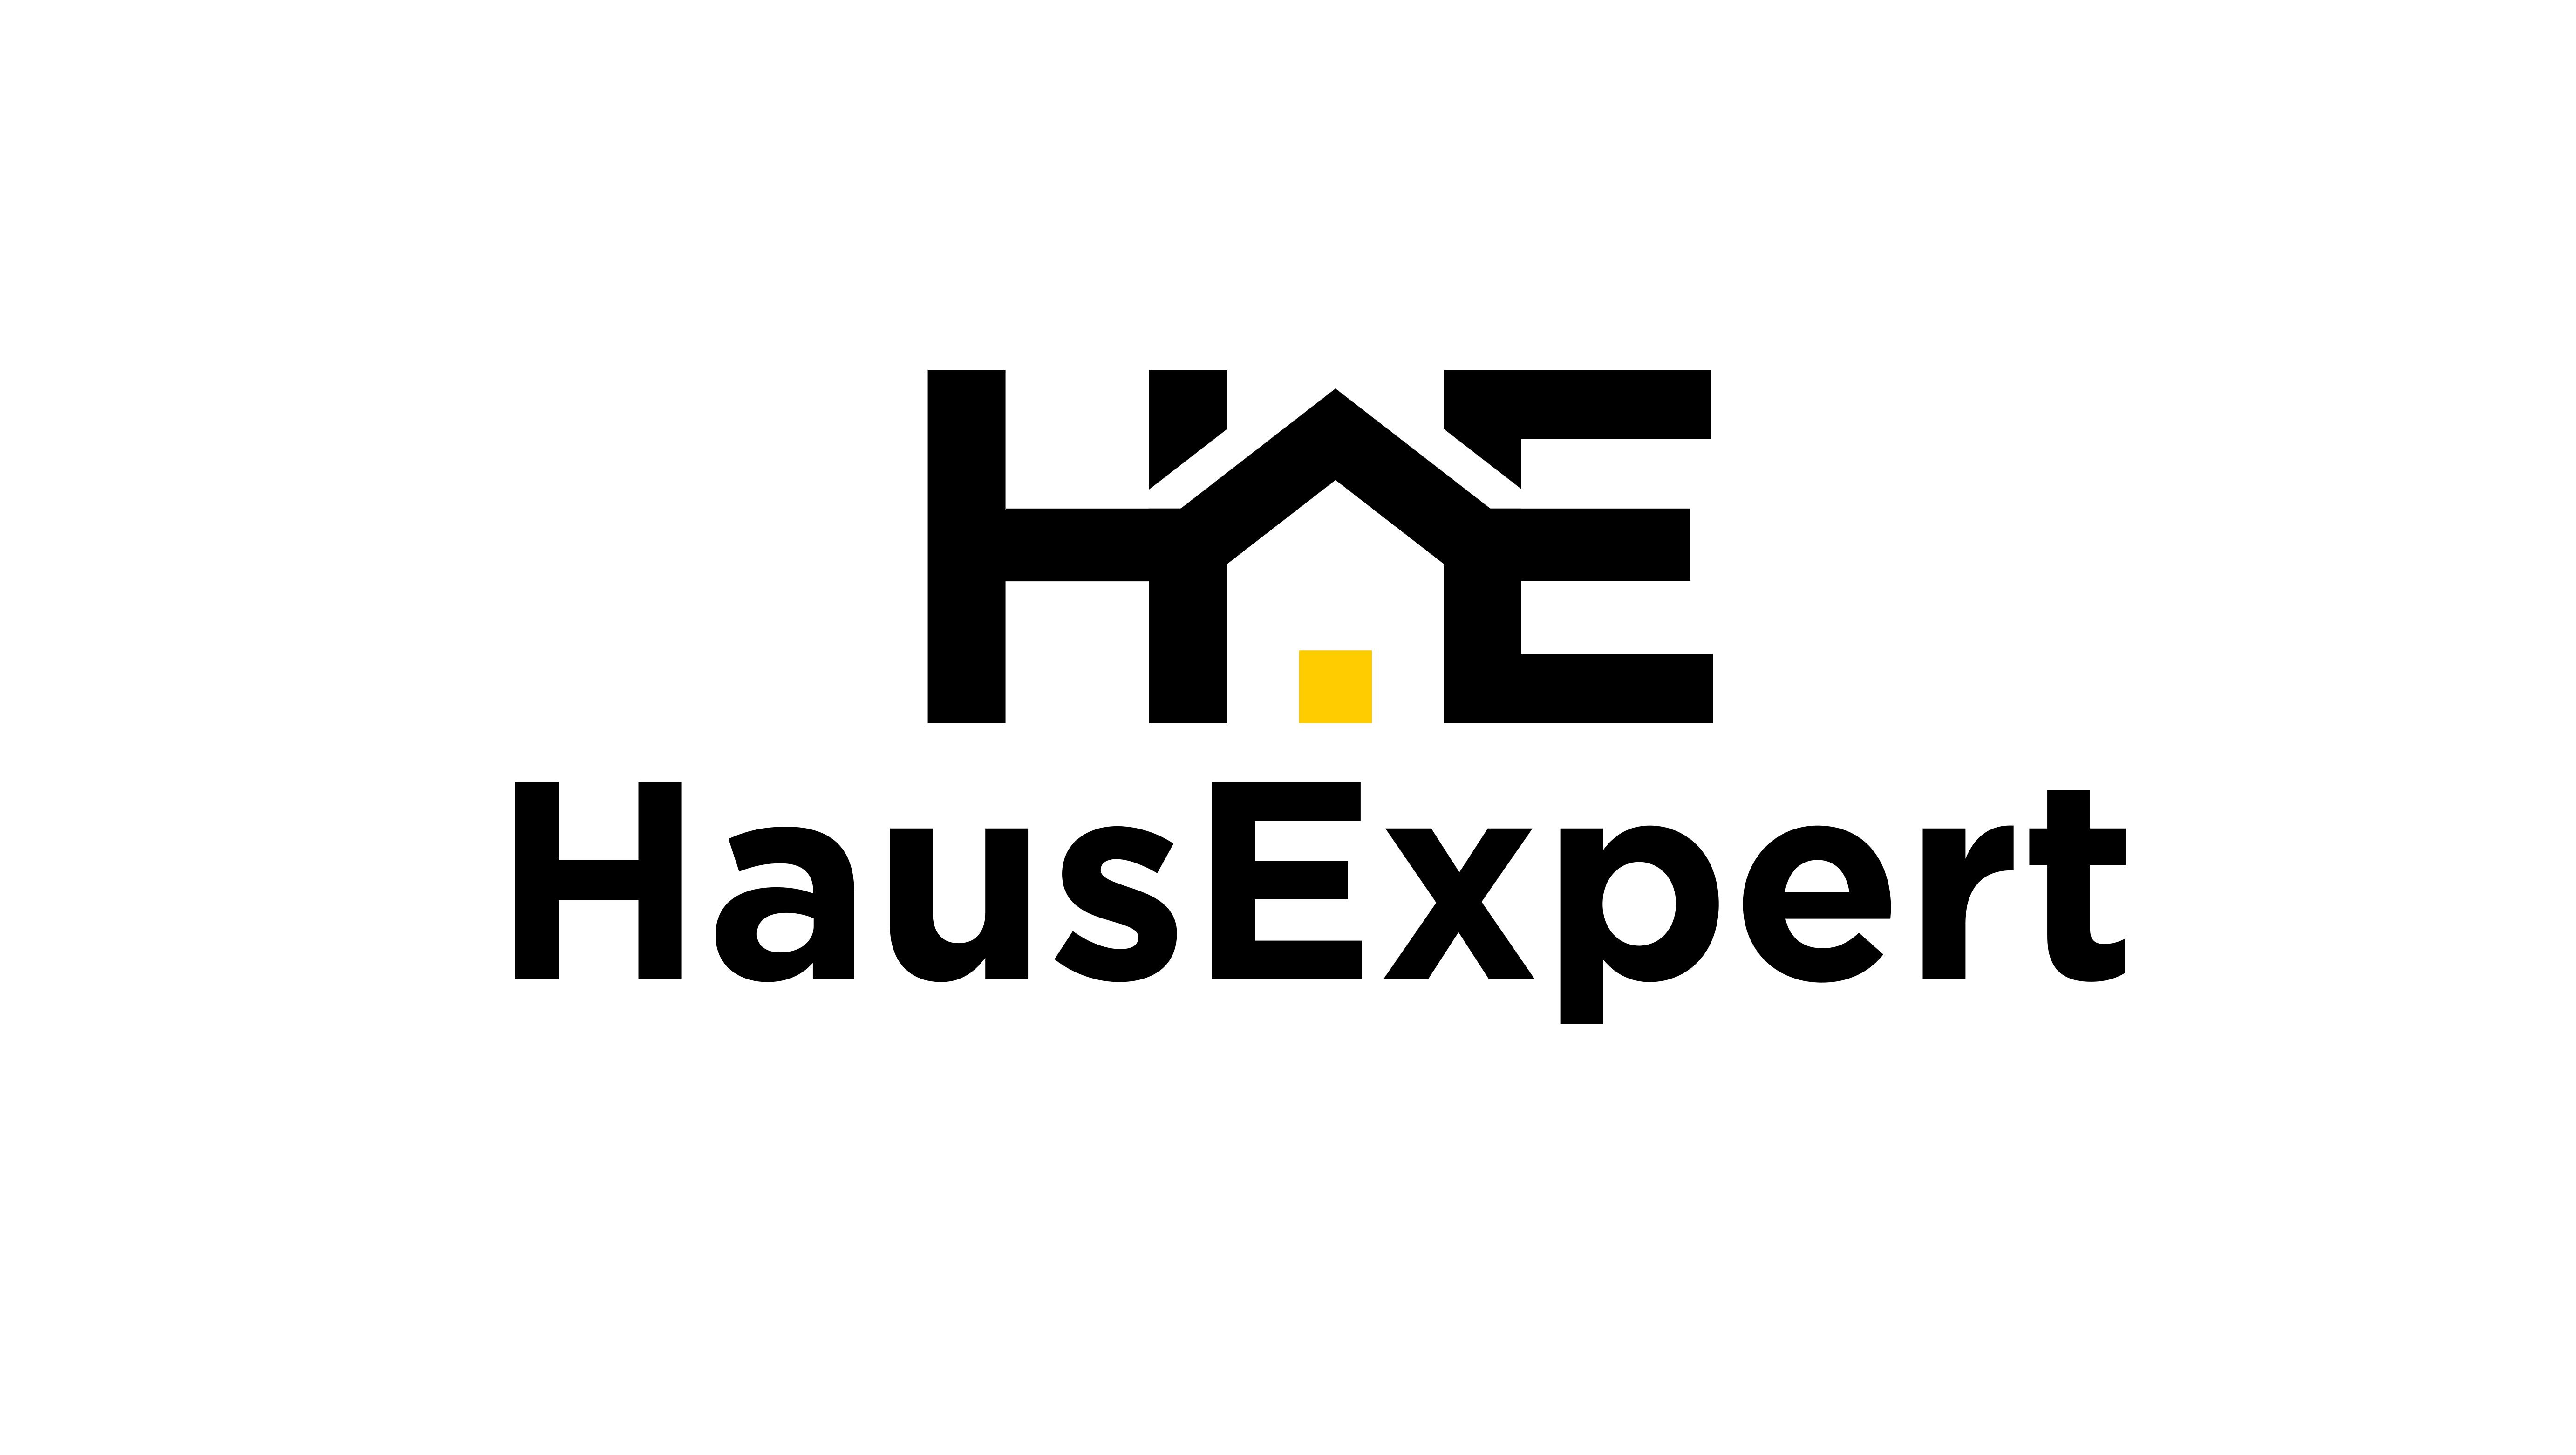 HausExpert